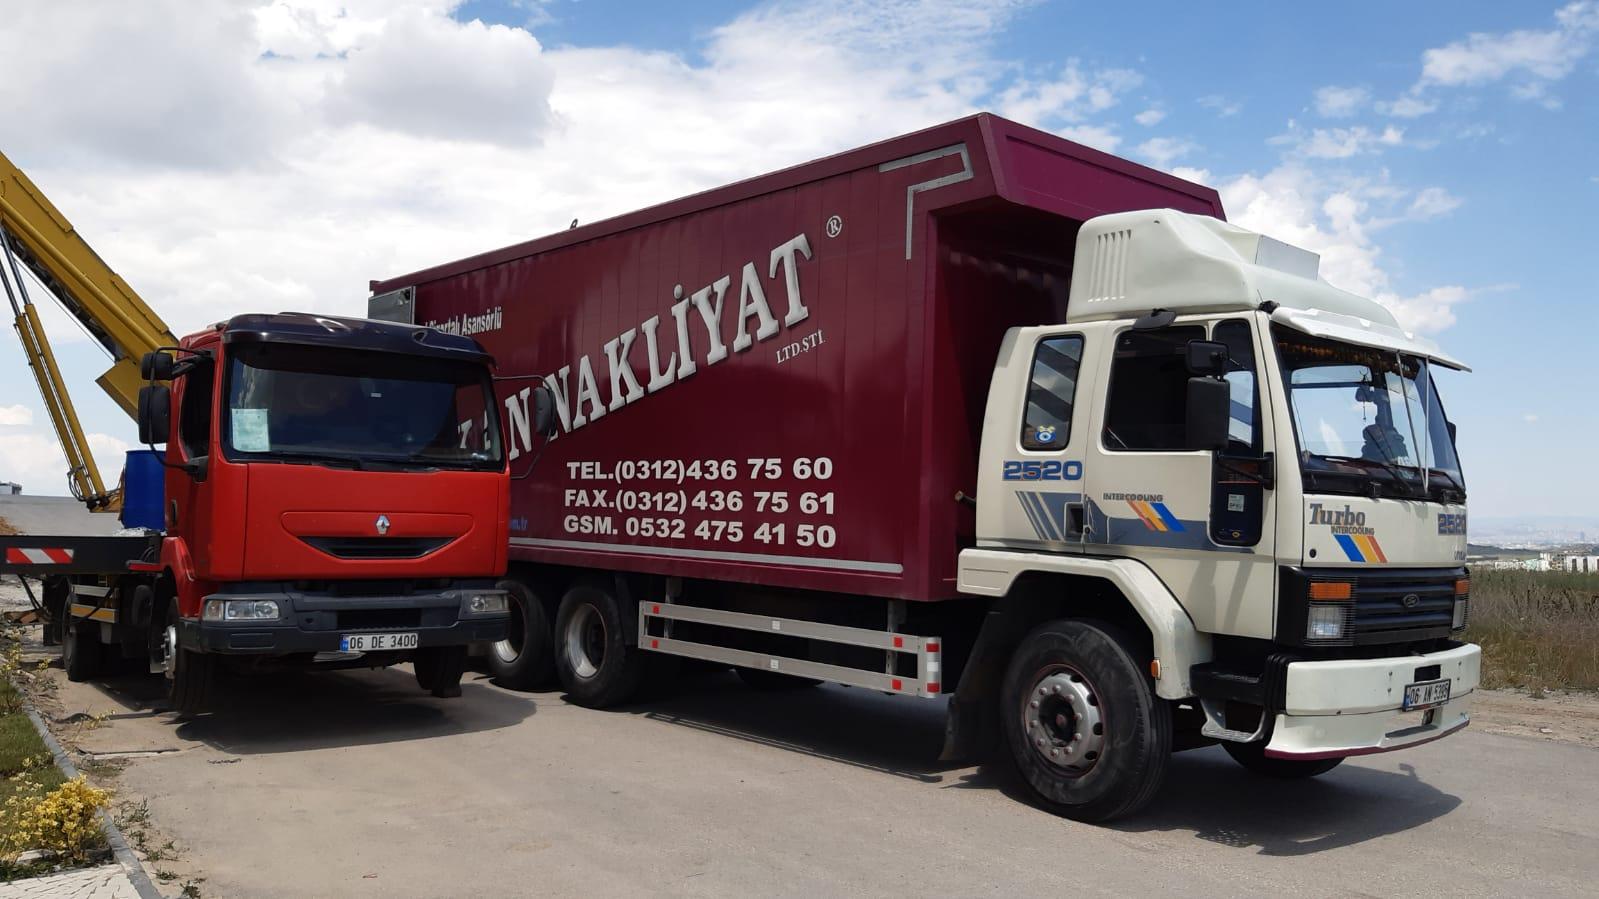 Ankara İzmir Nakliyat, Ankara İzmir Eşya Taşımacılık